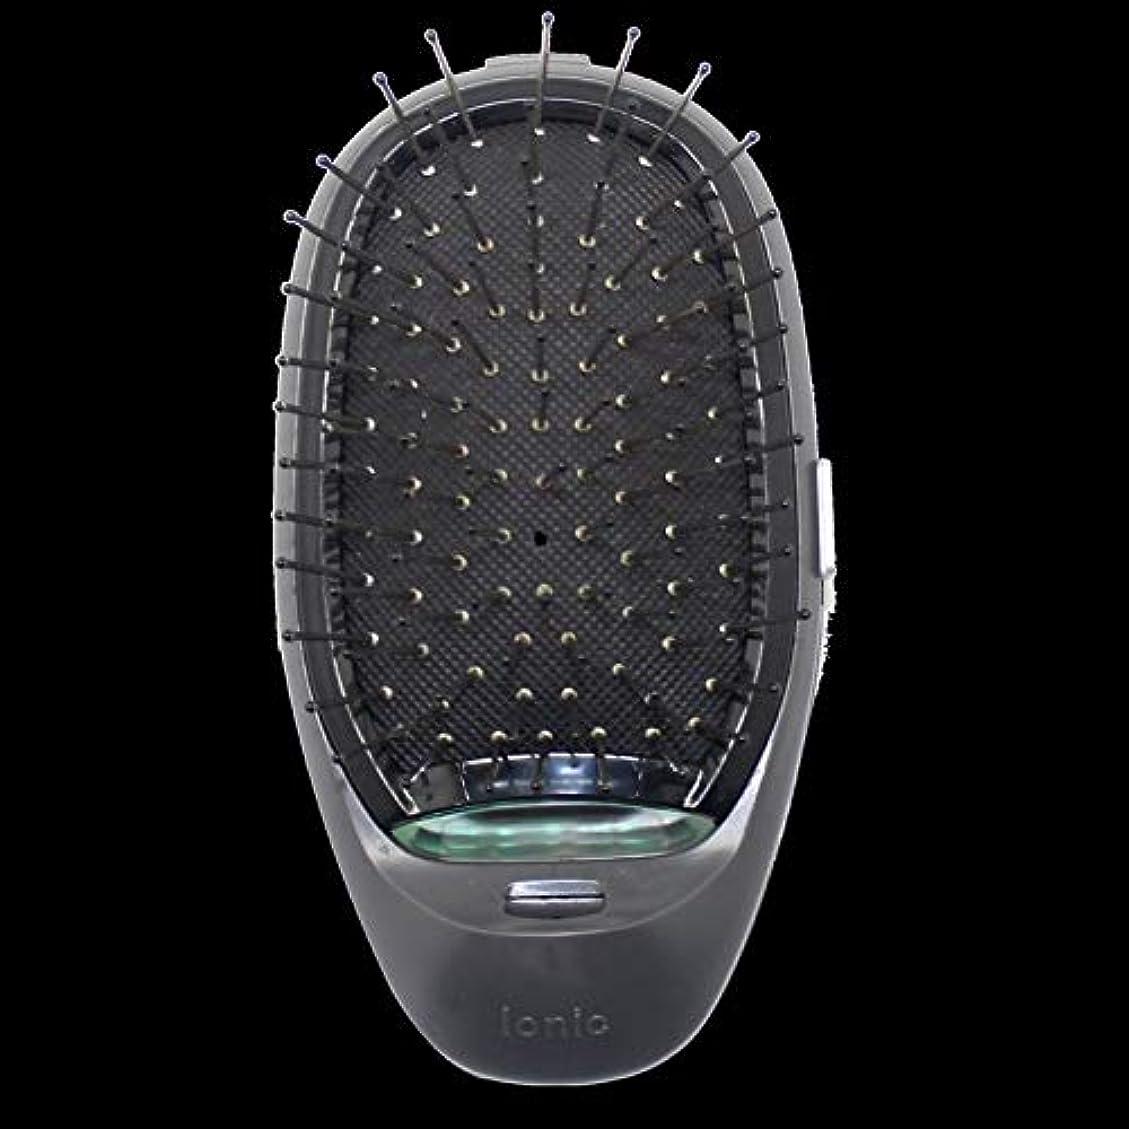 マーチャンダイジングオフ三角形電動マッサージヘアブラシミニマイナスイオンヘアコム3Dインフレータブルコーム帯電防止ガールズヘアブラシ電池式 - ブラック